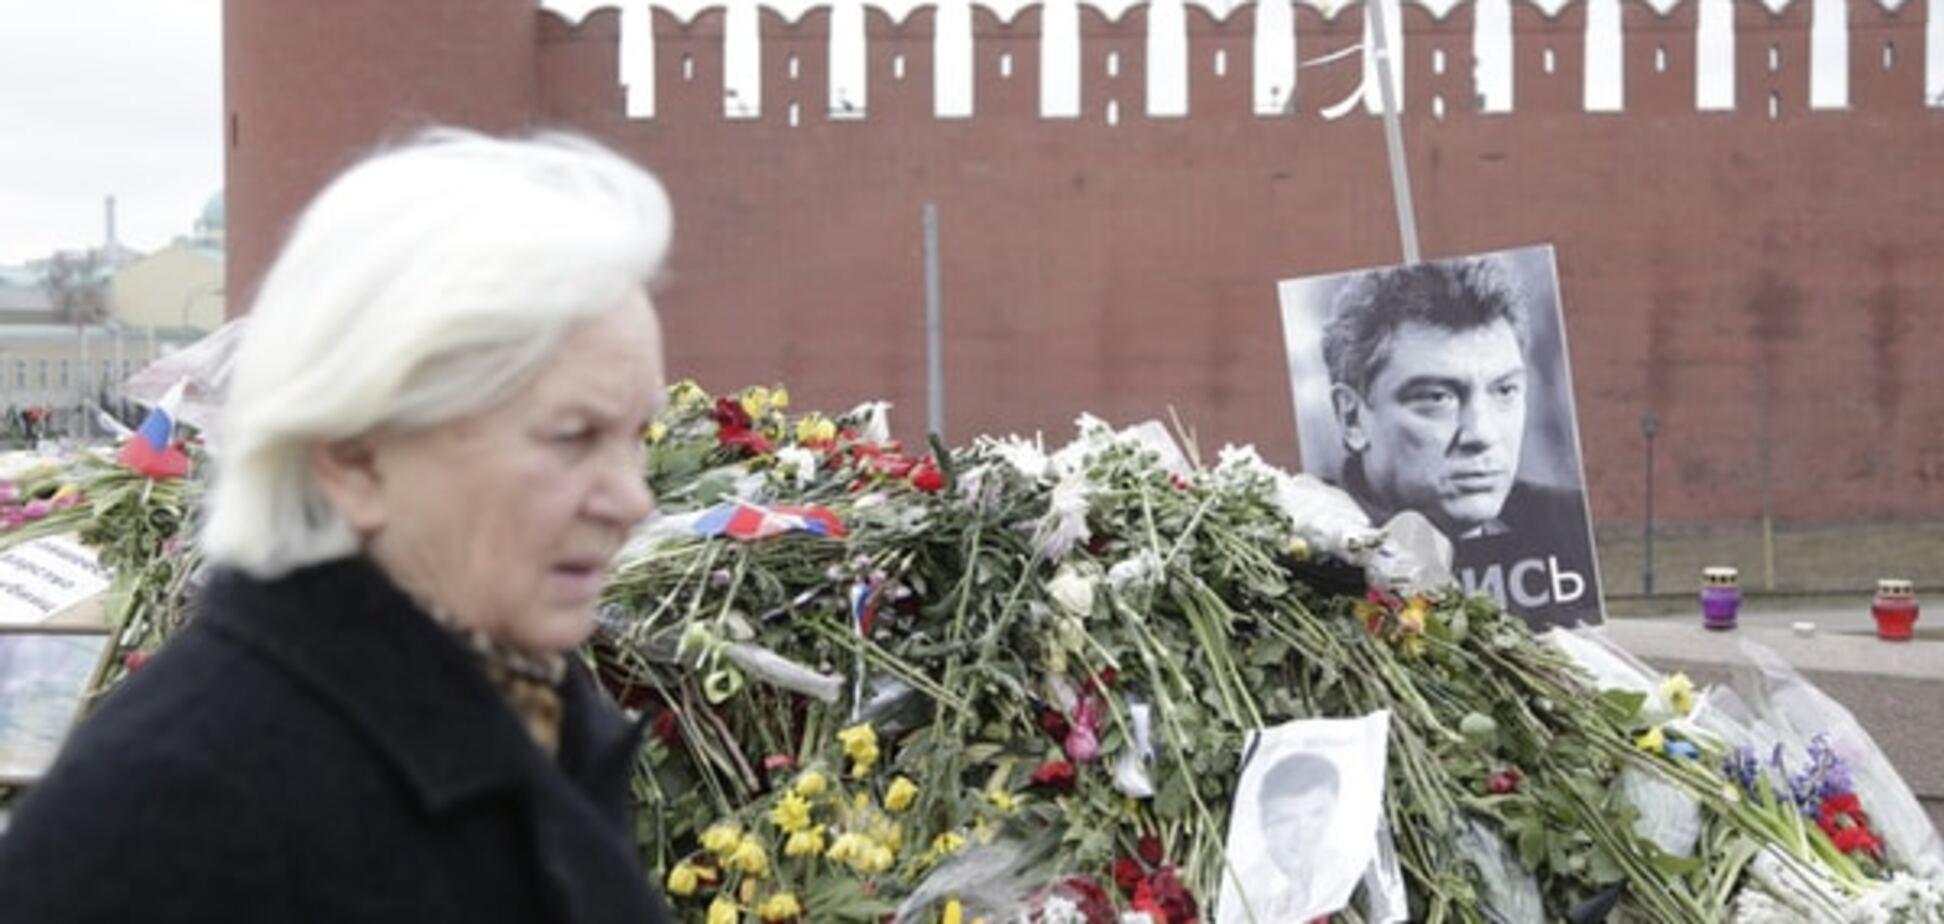 Дело Немцова расследовали, но результаты никогда не сообщат - Веллер